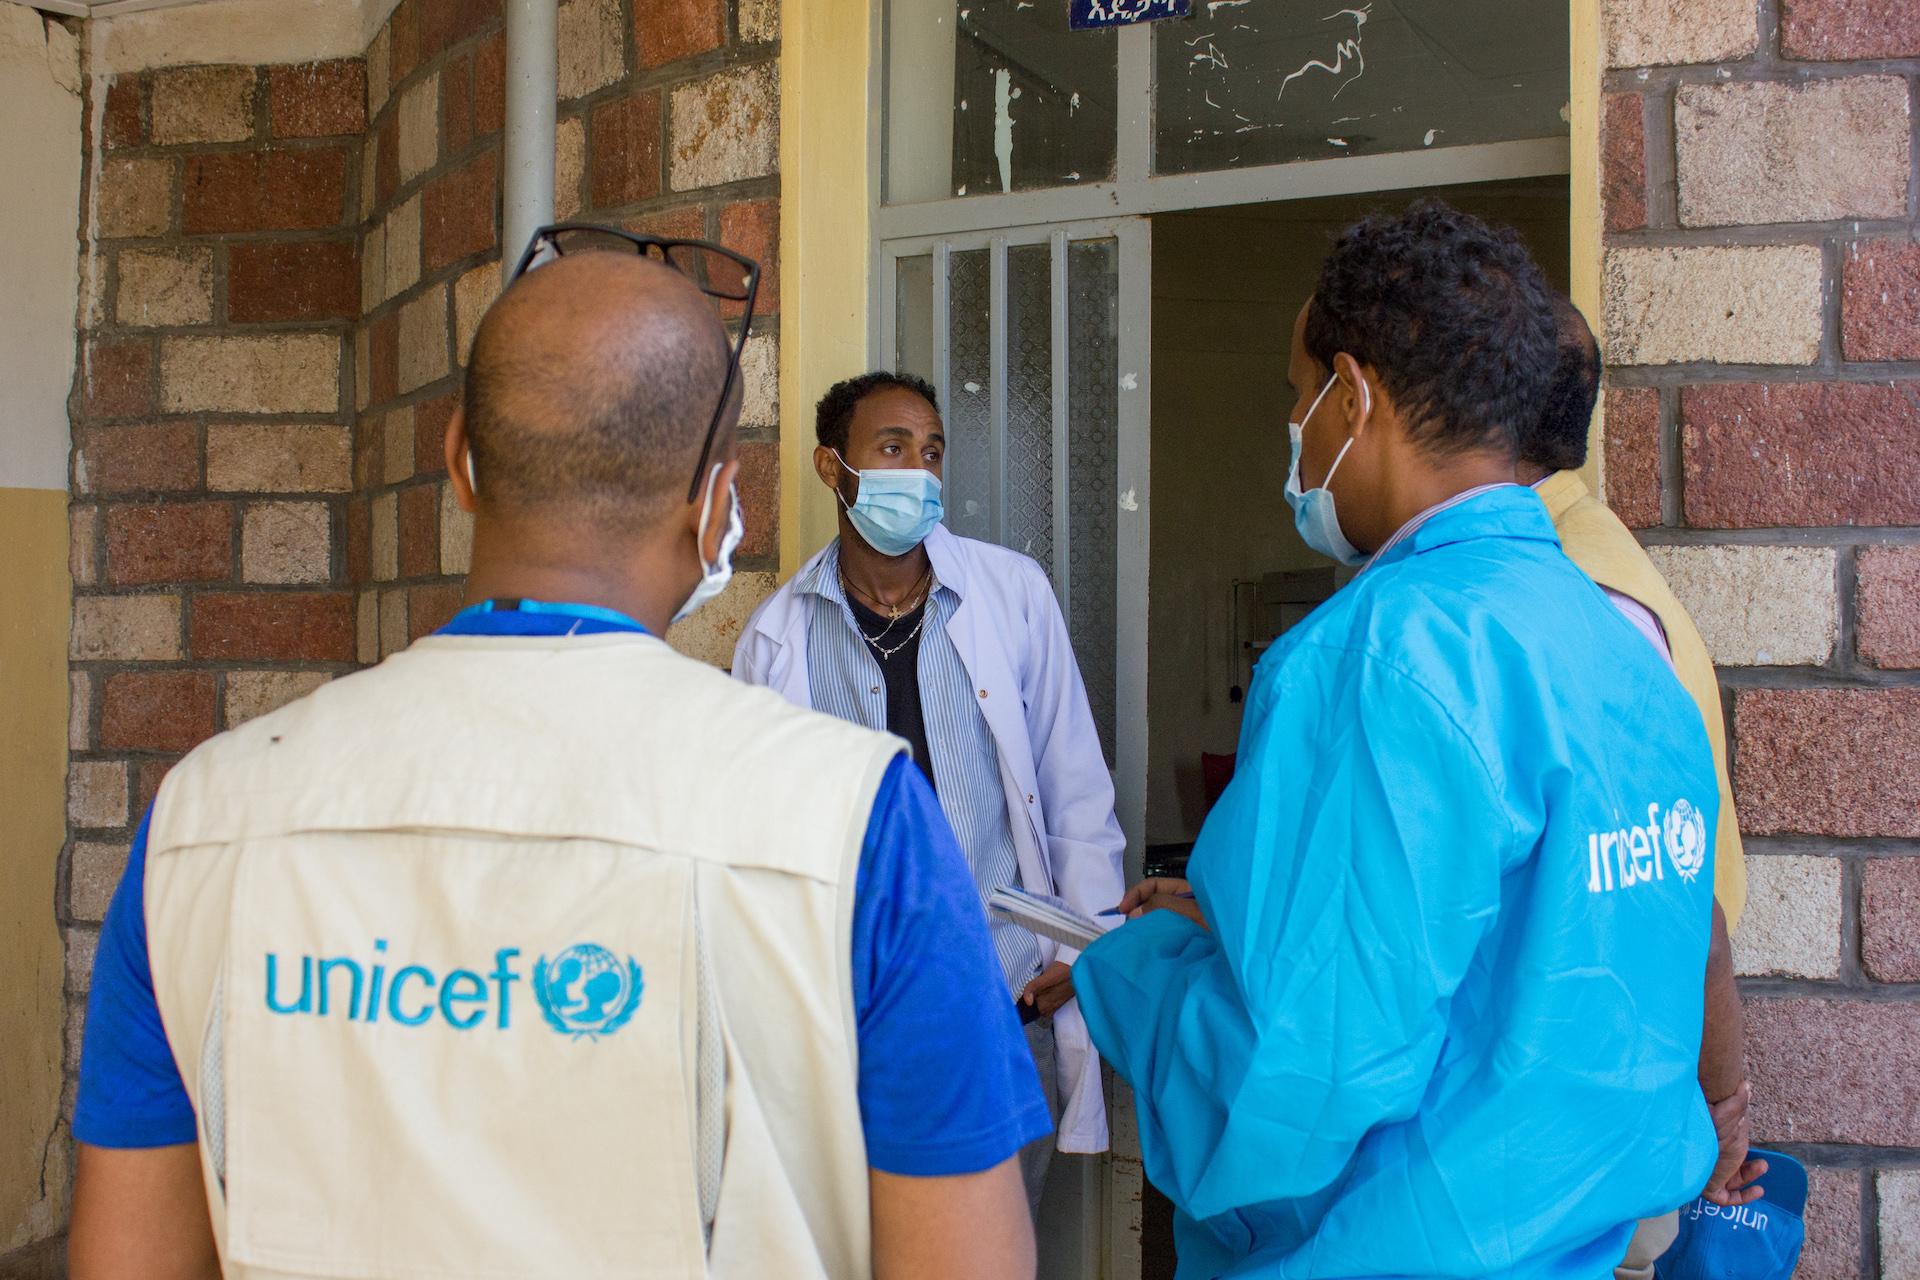 Unicef: dopo 6 mesi di crisi nel Tigray (Etiopia) oltre 1 milione di persone sfollate e grandi rischi per i bambini